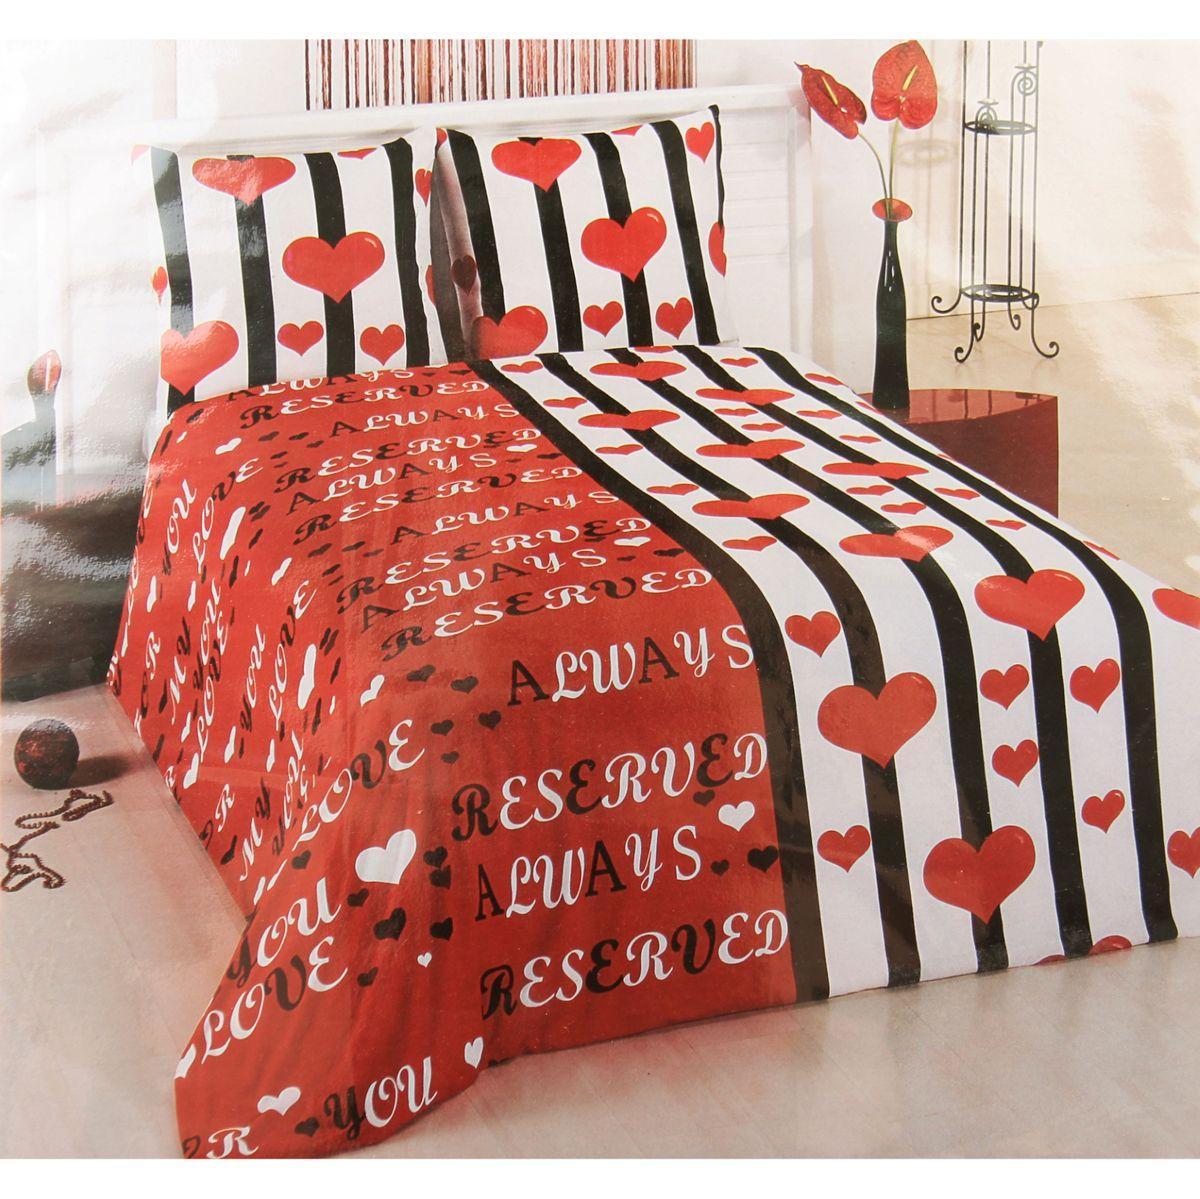 Комплект белья ANTALYA, 1,5-спальный, наволочки 70x70. 824695824695произведено из высококачественного турецкого хлопка, простынка на резинке, пододеяльник и наволочки на замке